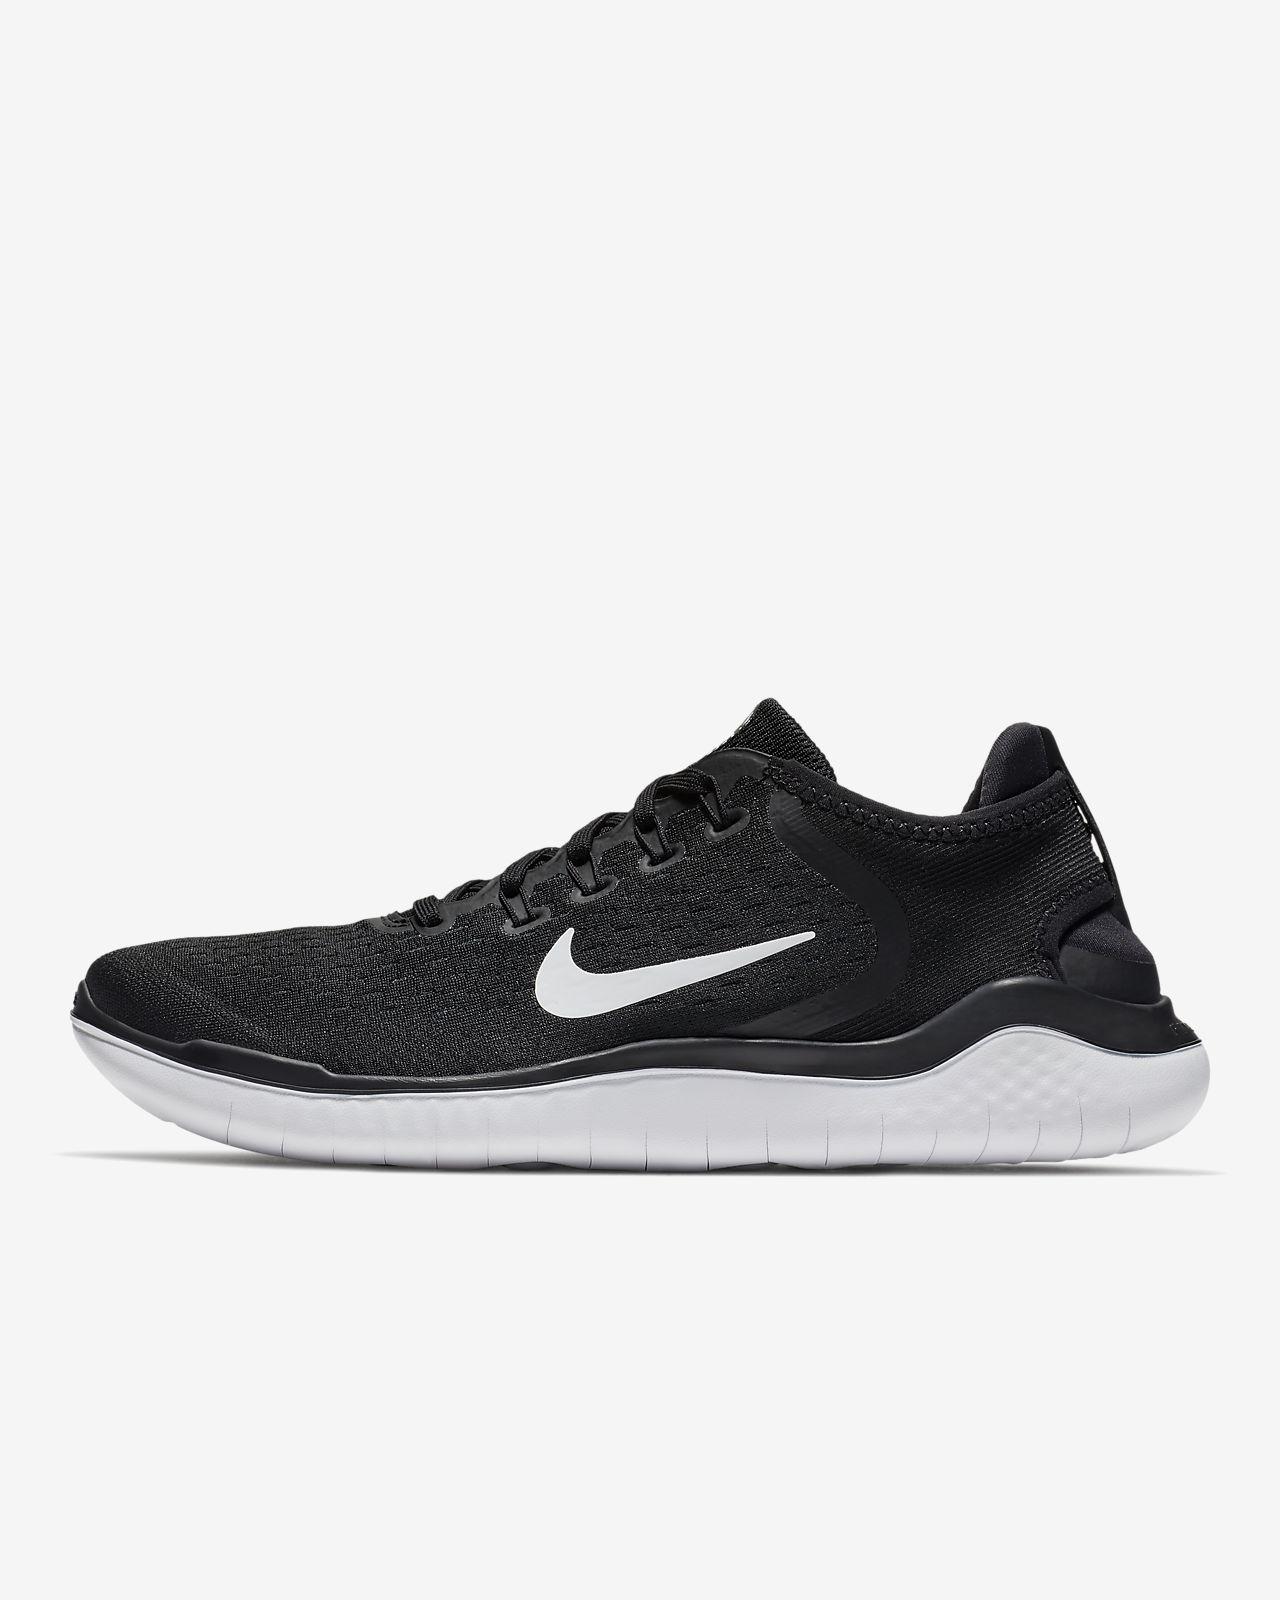 Löparsko Nike Free RN 2018 för män